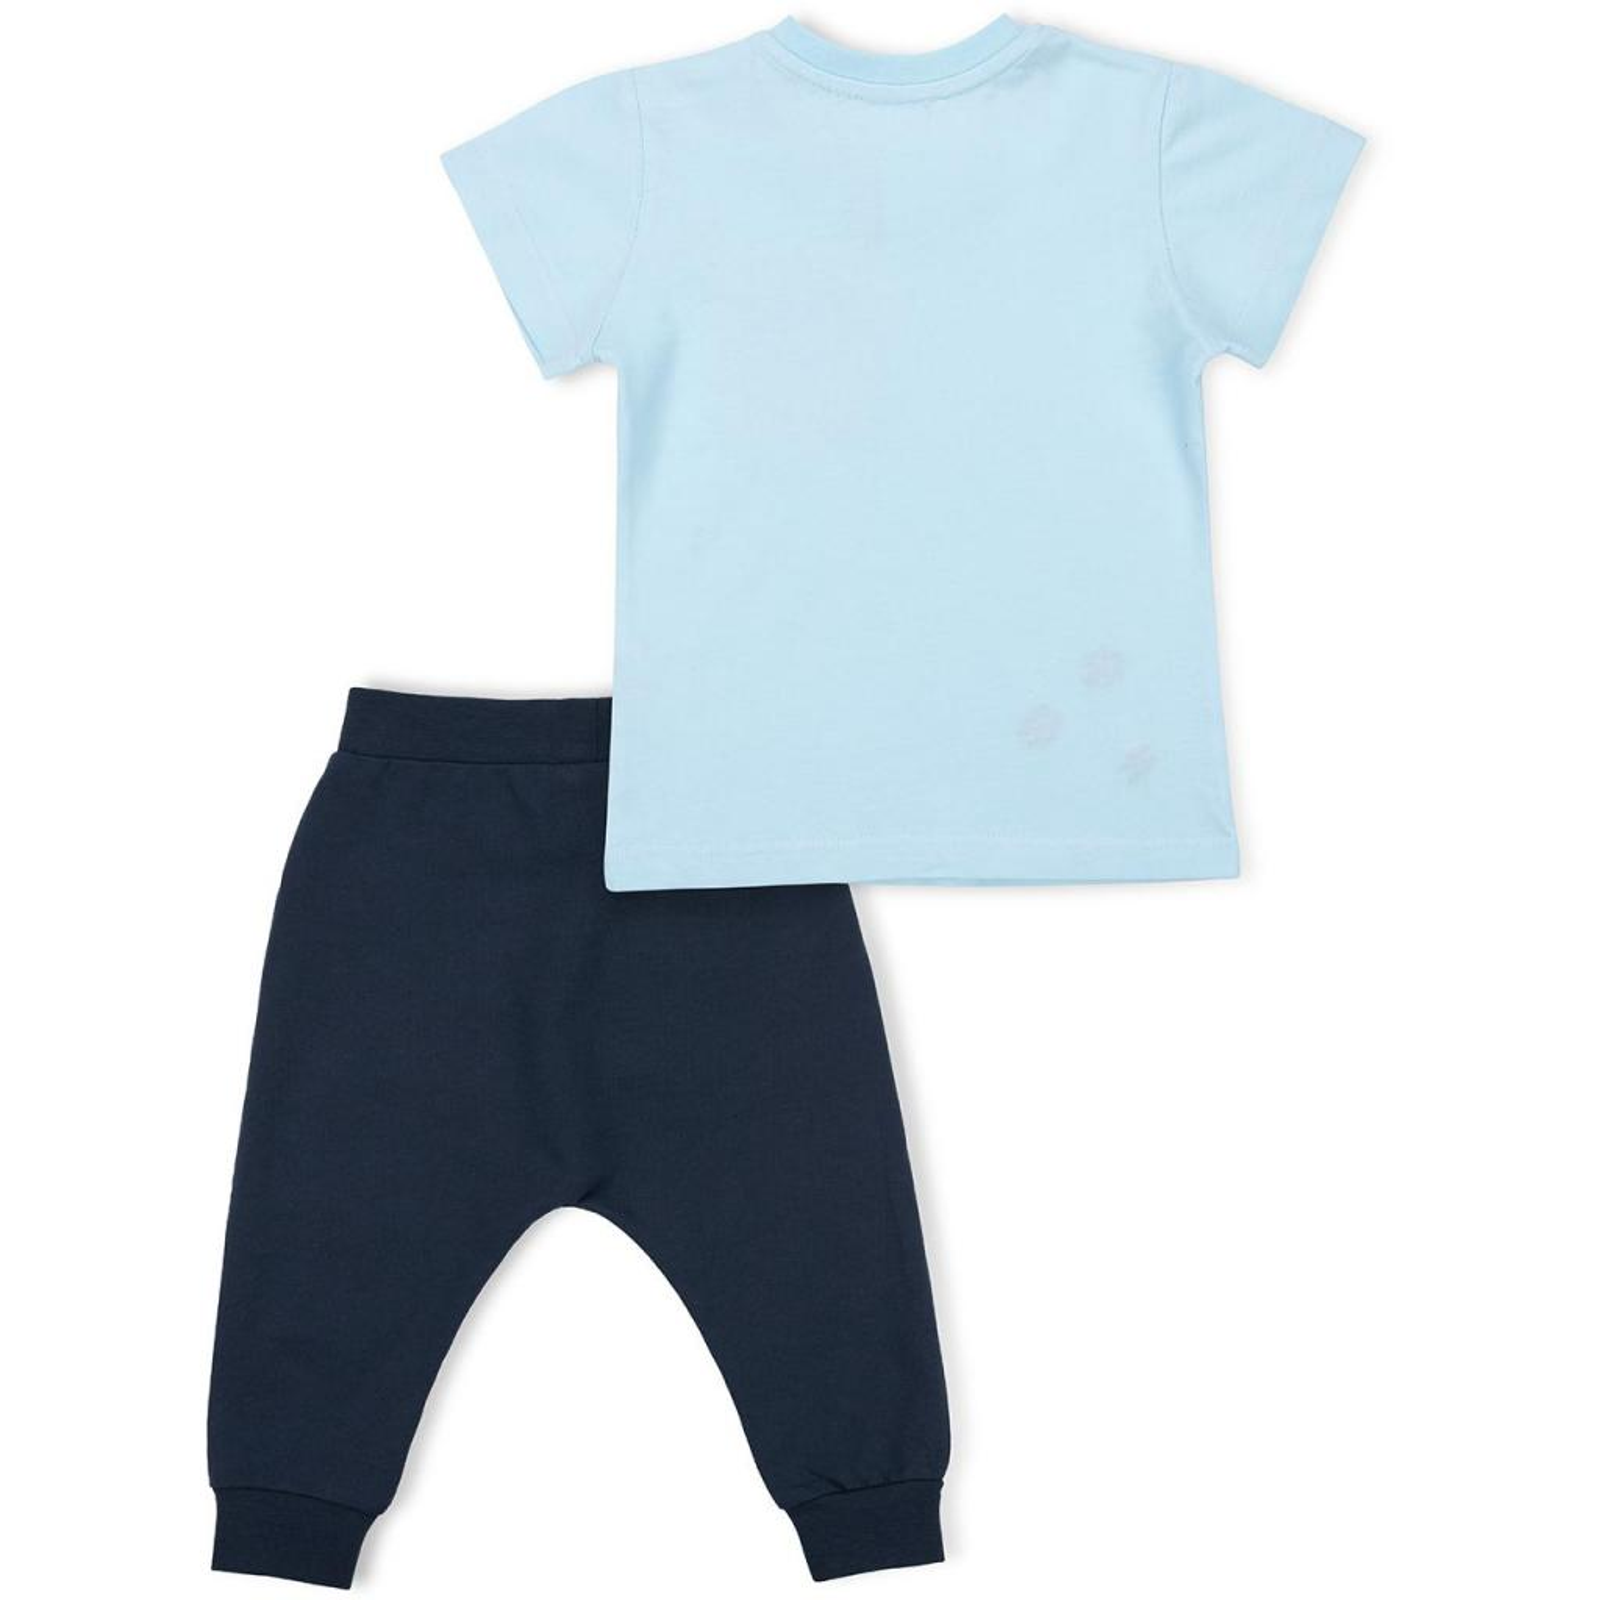 Набор детской одежды Breeze с карманчиками (10234-98G-blue) изображение 4